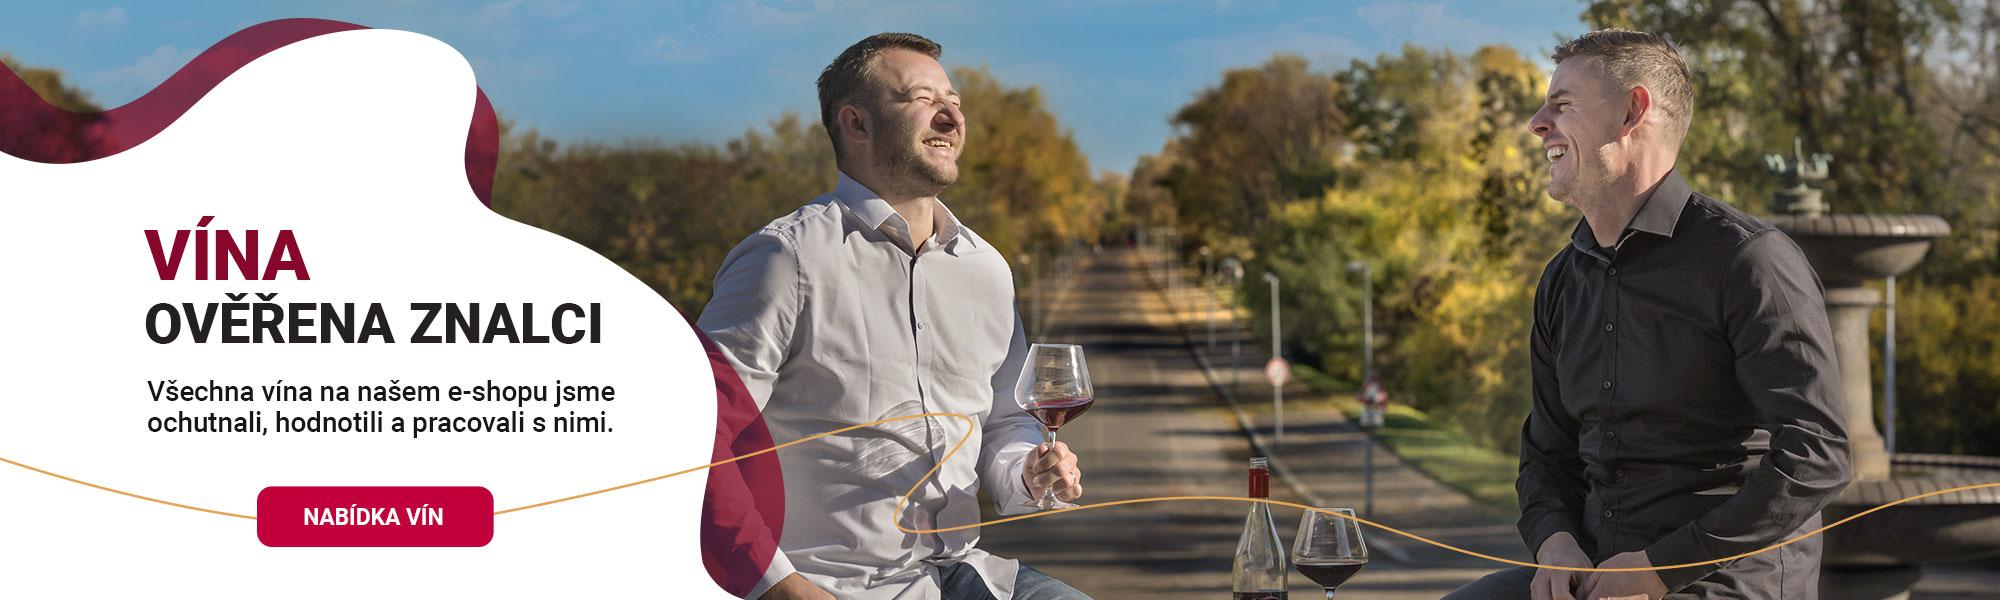 Vína ověřená znalci, nejlépe hodnocená vína | Zkusvíno.cz | e-shop s kvalitními víny | víno